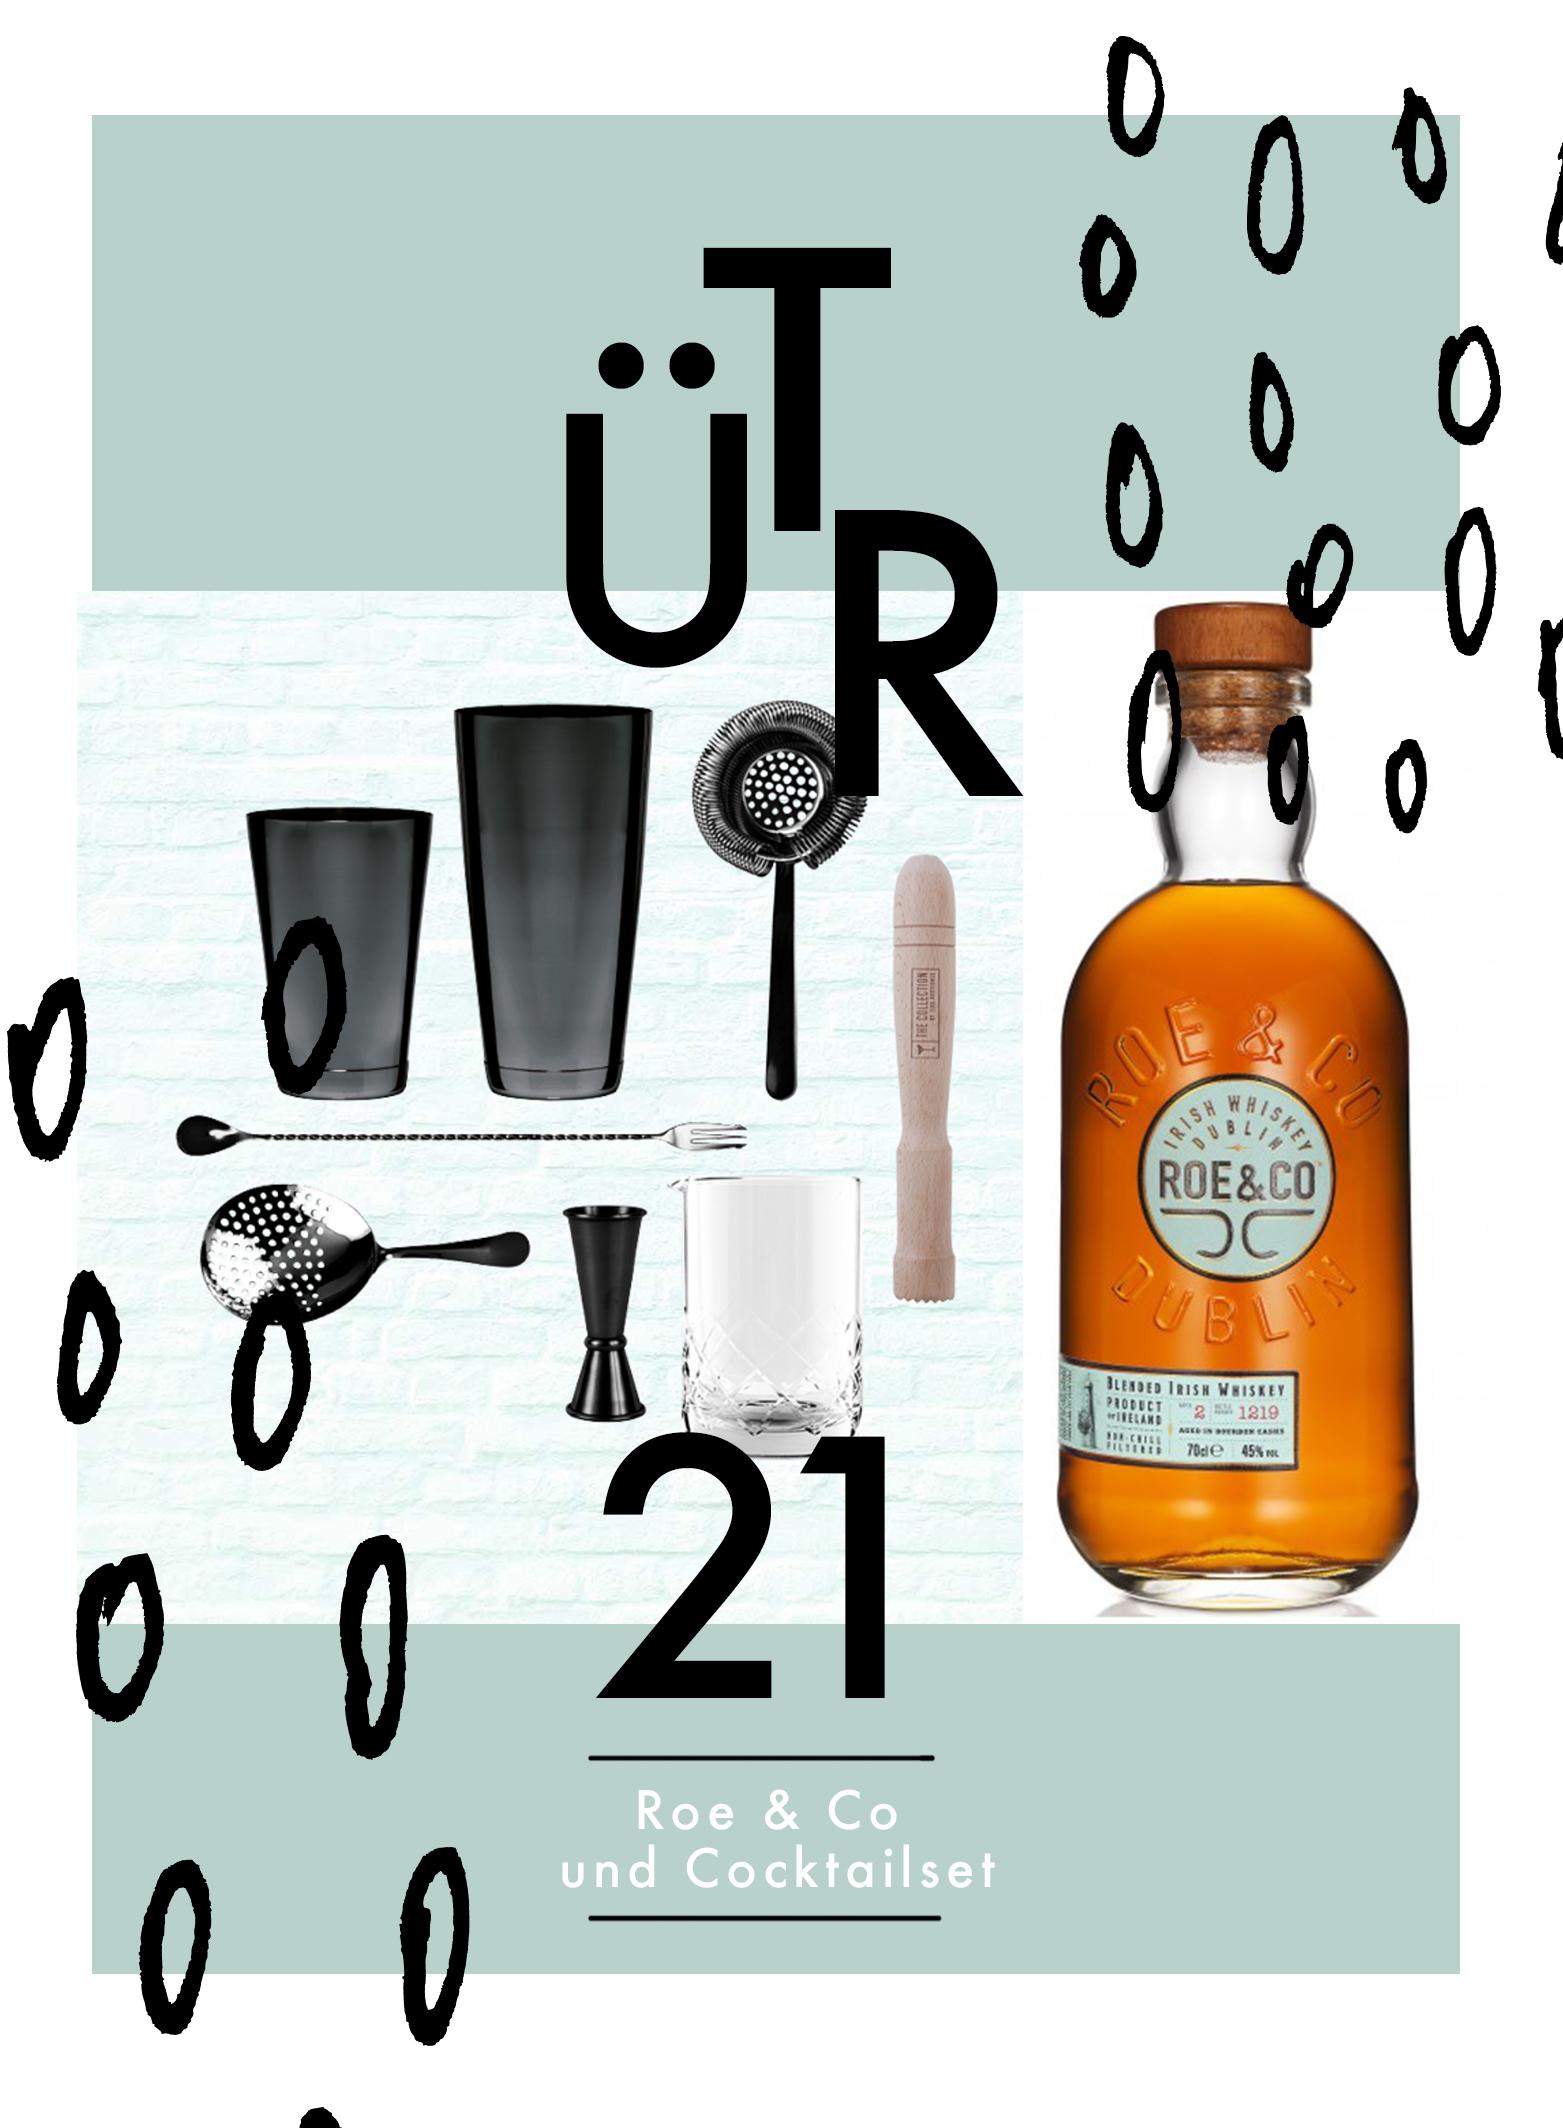 Tür 21: Roe & Co und Cocktailset